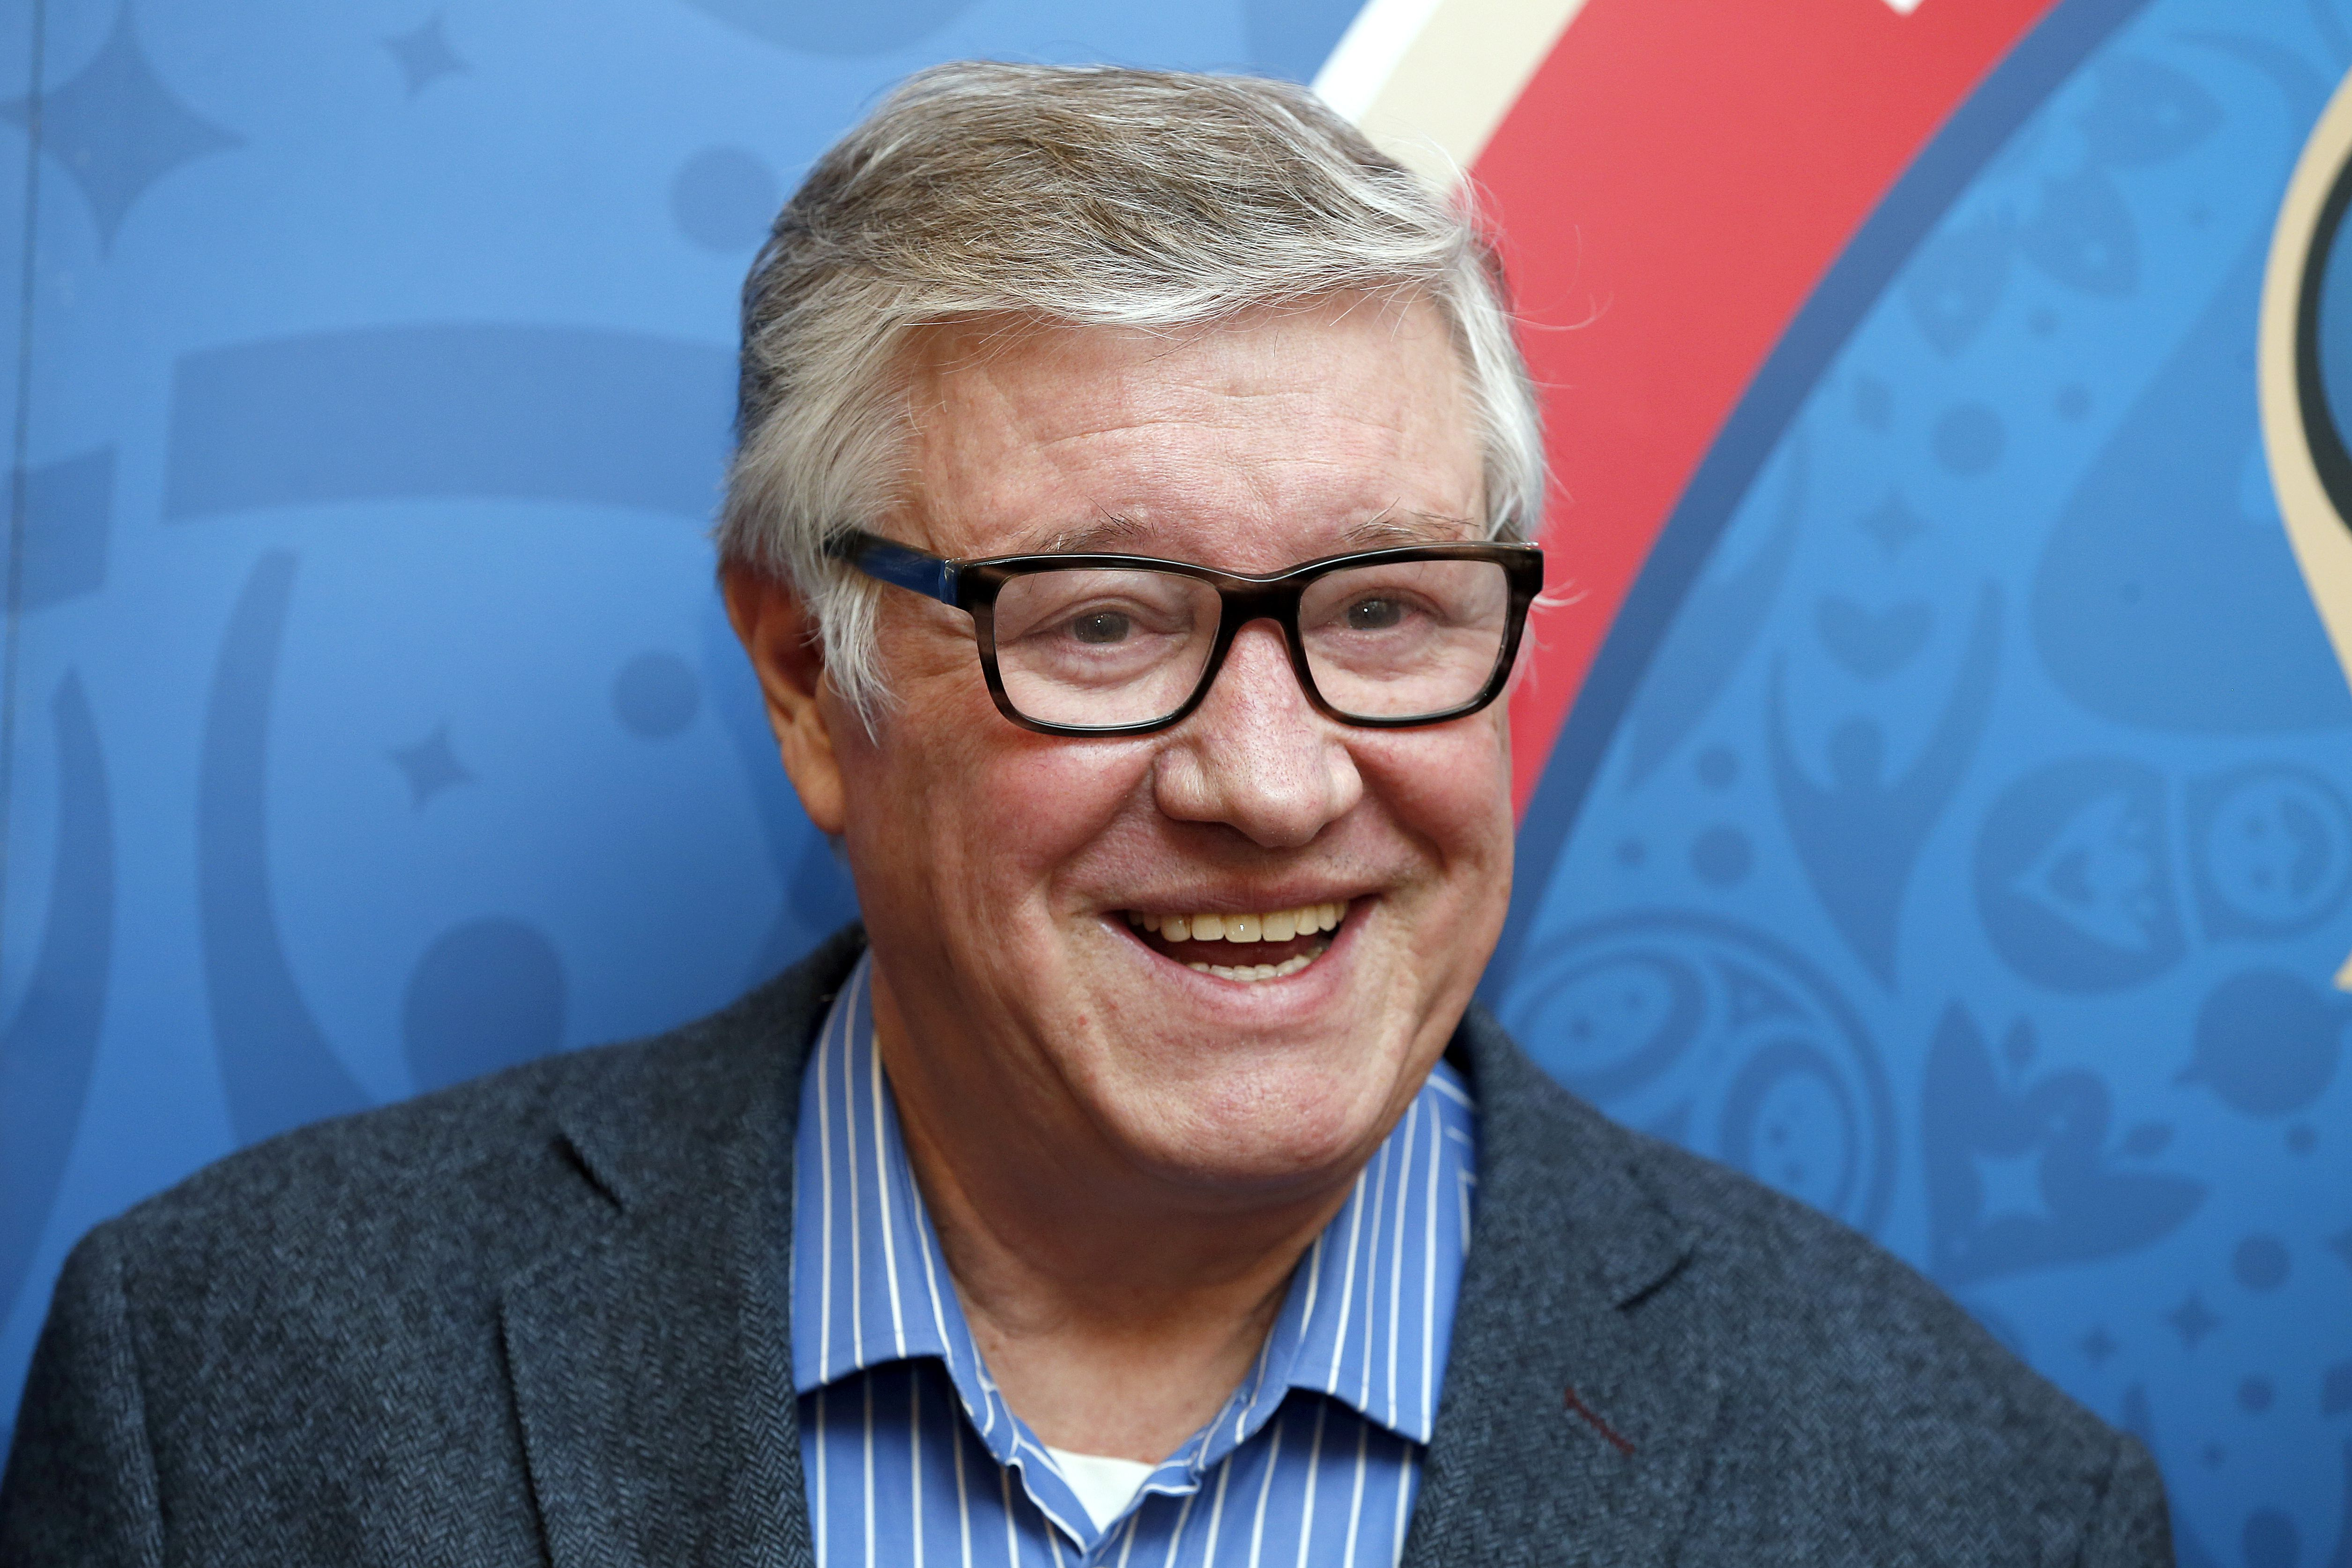 Орлов: Промес и Рондон приехали доигрывать в Россию, а надо ли это нашему футболу